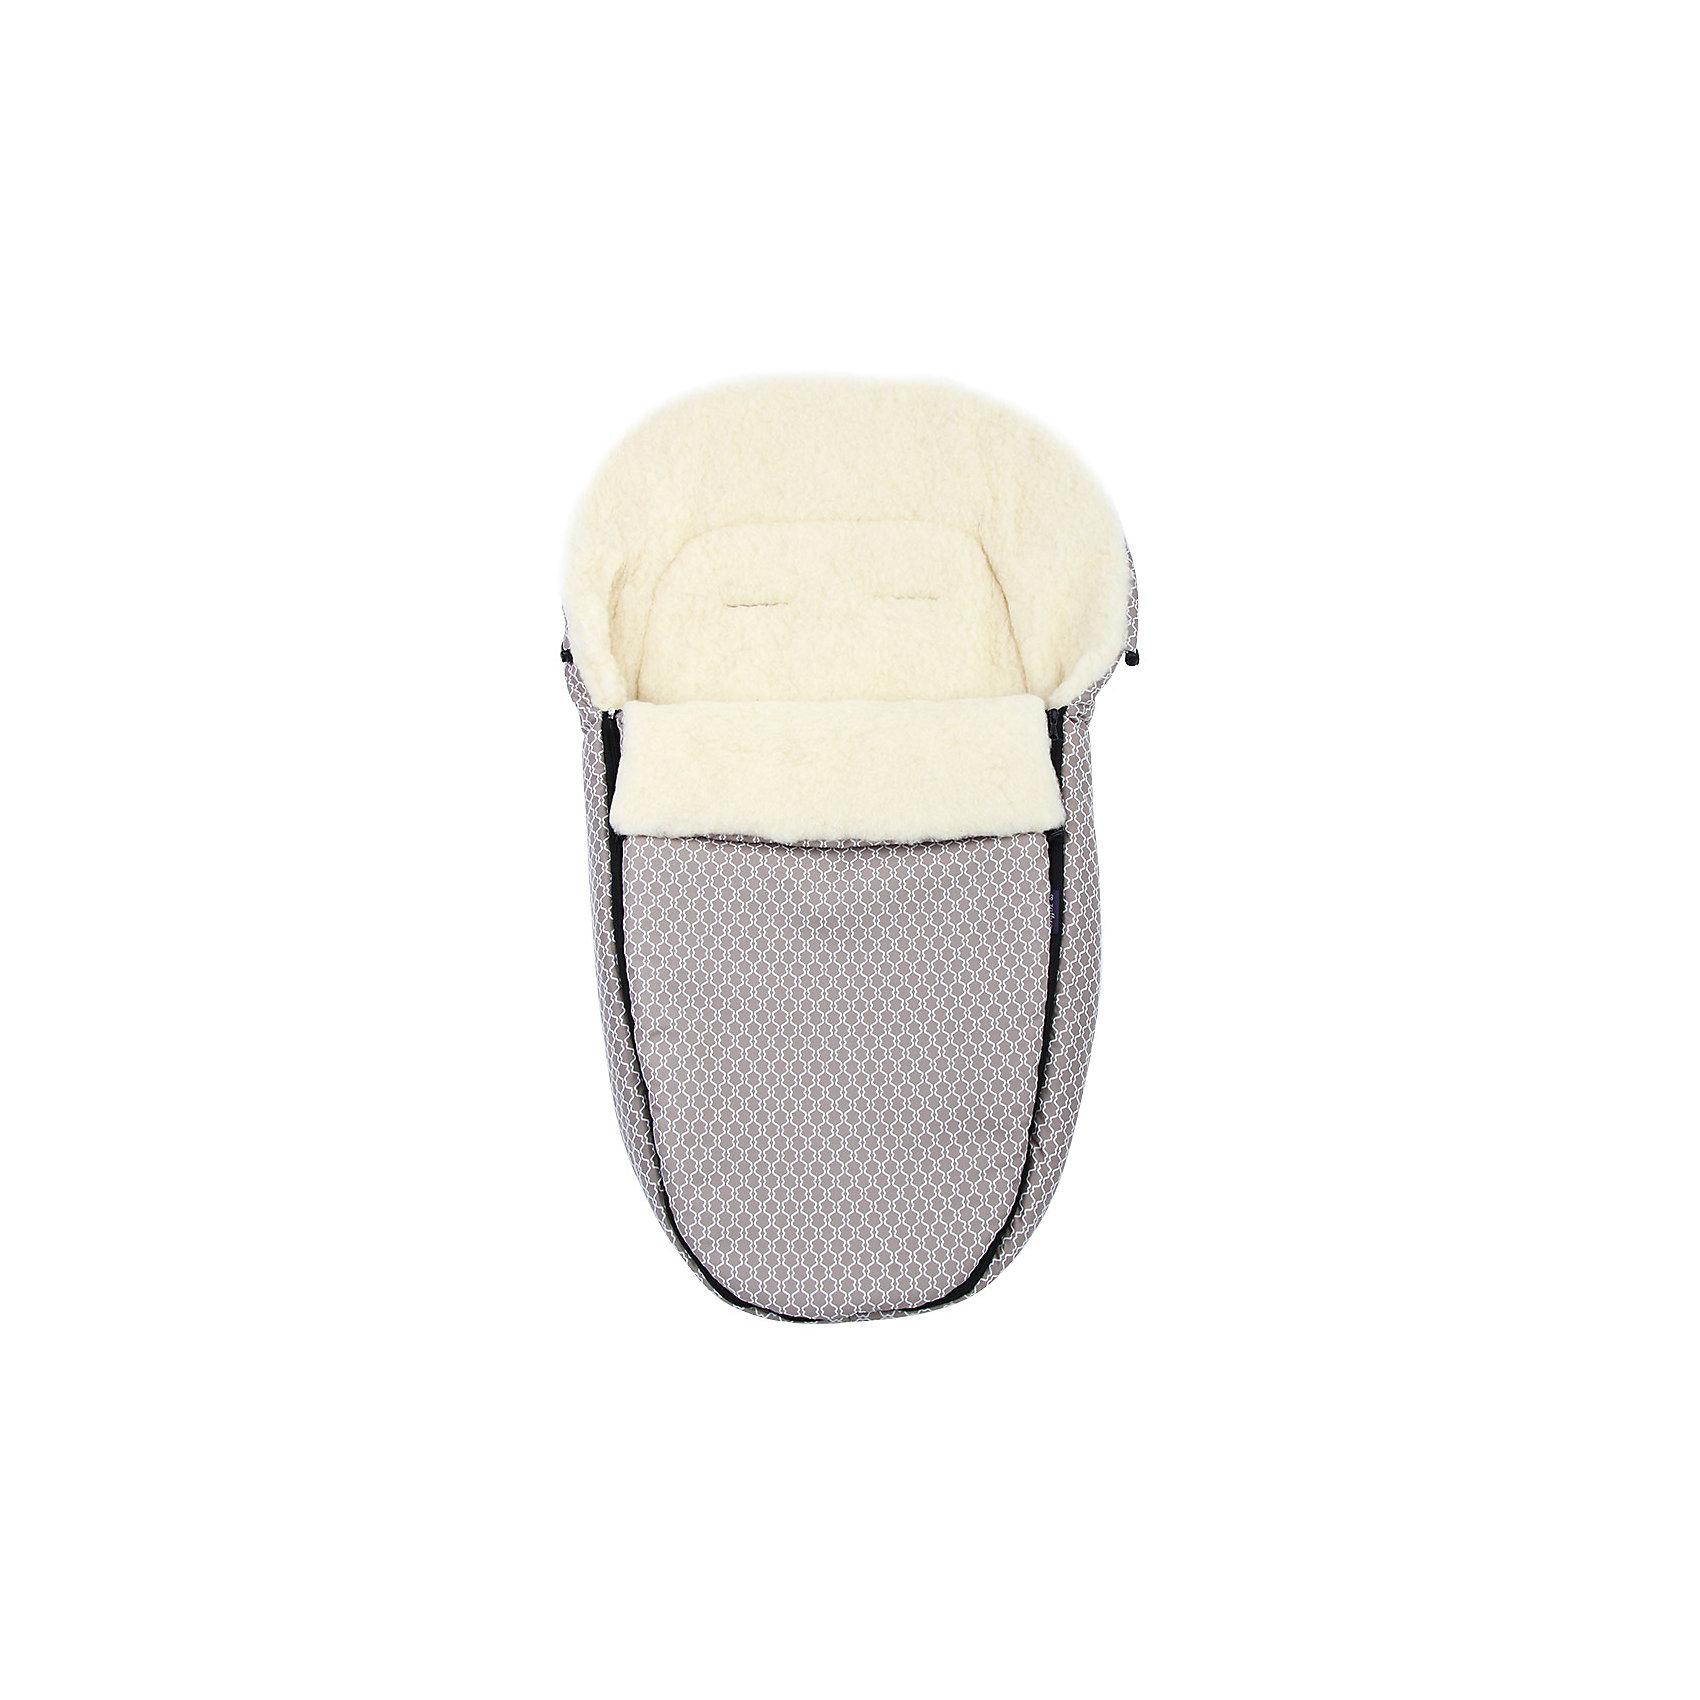 Конверт зимний №S78 Exclusive, 95*50, шерсть, Womar, бежевыйДетские конверты<br>Конверт зимний №S78 Exclusive, 95*50, шерсть, Womar, бежевый – модная и стильная защита от холода для вашего малыша.<br>Внутри конверта мягкий мех, изготовленный из овчины. Этот материал не вызывает аллергии и безопасен для нежной кожи малыша. Верхняя часть непромокаемая, грязеотталкивающая и не продувается. Также ее можно отстегнуть. Сверху есть шнурок, который можно стянуть как капюшон. Конверт подходит к большинству колясок. Стирать при температуре 30 градусов, не отжимать и не гладить. Есть отверстия для пятиточечного ремня безопасности. <br><br>Дополнительная информация:<br><br>- материал: внутренняя часть – натуральная овечья шерсть, внешняя – 100% полиэстер<br>- размер: 95х50 см<br>- цвет: бежевый<br><br>Конверт зимний №S78 Exclusive, 95*50, шерсть, Womar, бежевый можно купить в нашем интернет магазине.<br><br>Ширина мм: 950<br>Глубина мм: 500<br>Высота мм: 100<br>Вес г: 500<br>Возраст от месяцев: 0<br>Возраст до месяцев: 12<br>Пол: Унисекс<br>Возраст: Детский<br>SKU: 4981804